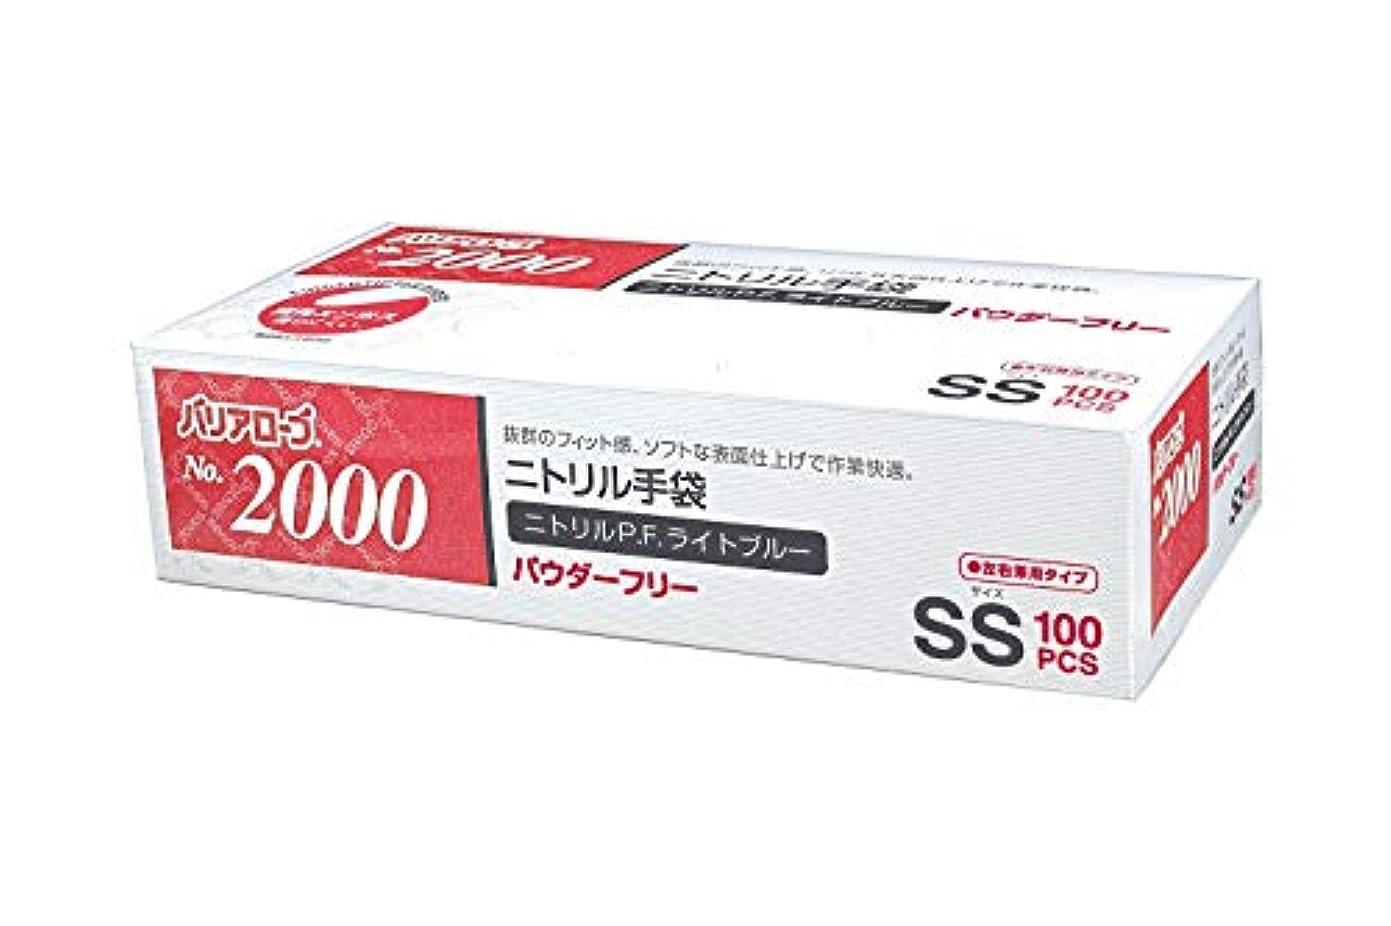 指紋活気づく難しい【ケース販売】 バリアローブ №2000 ニトリルP.F.ライト ブルー (パウダーフリー) SS 2000枚(100枚×20箱)